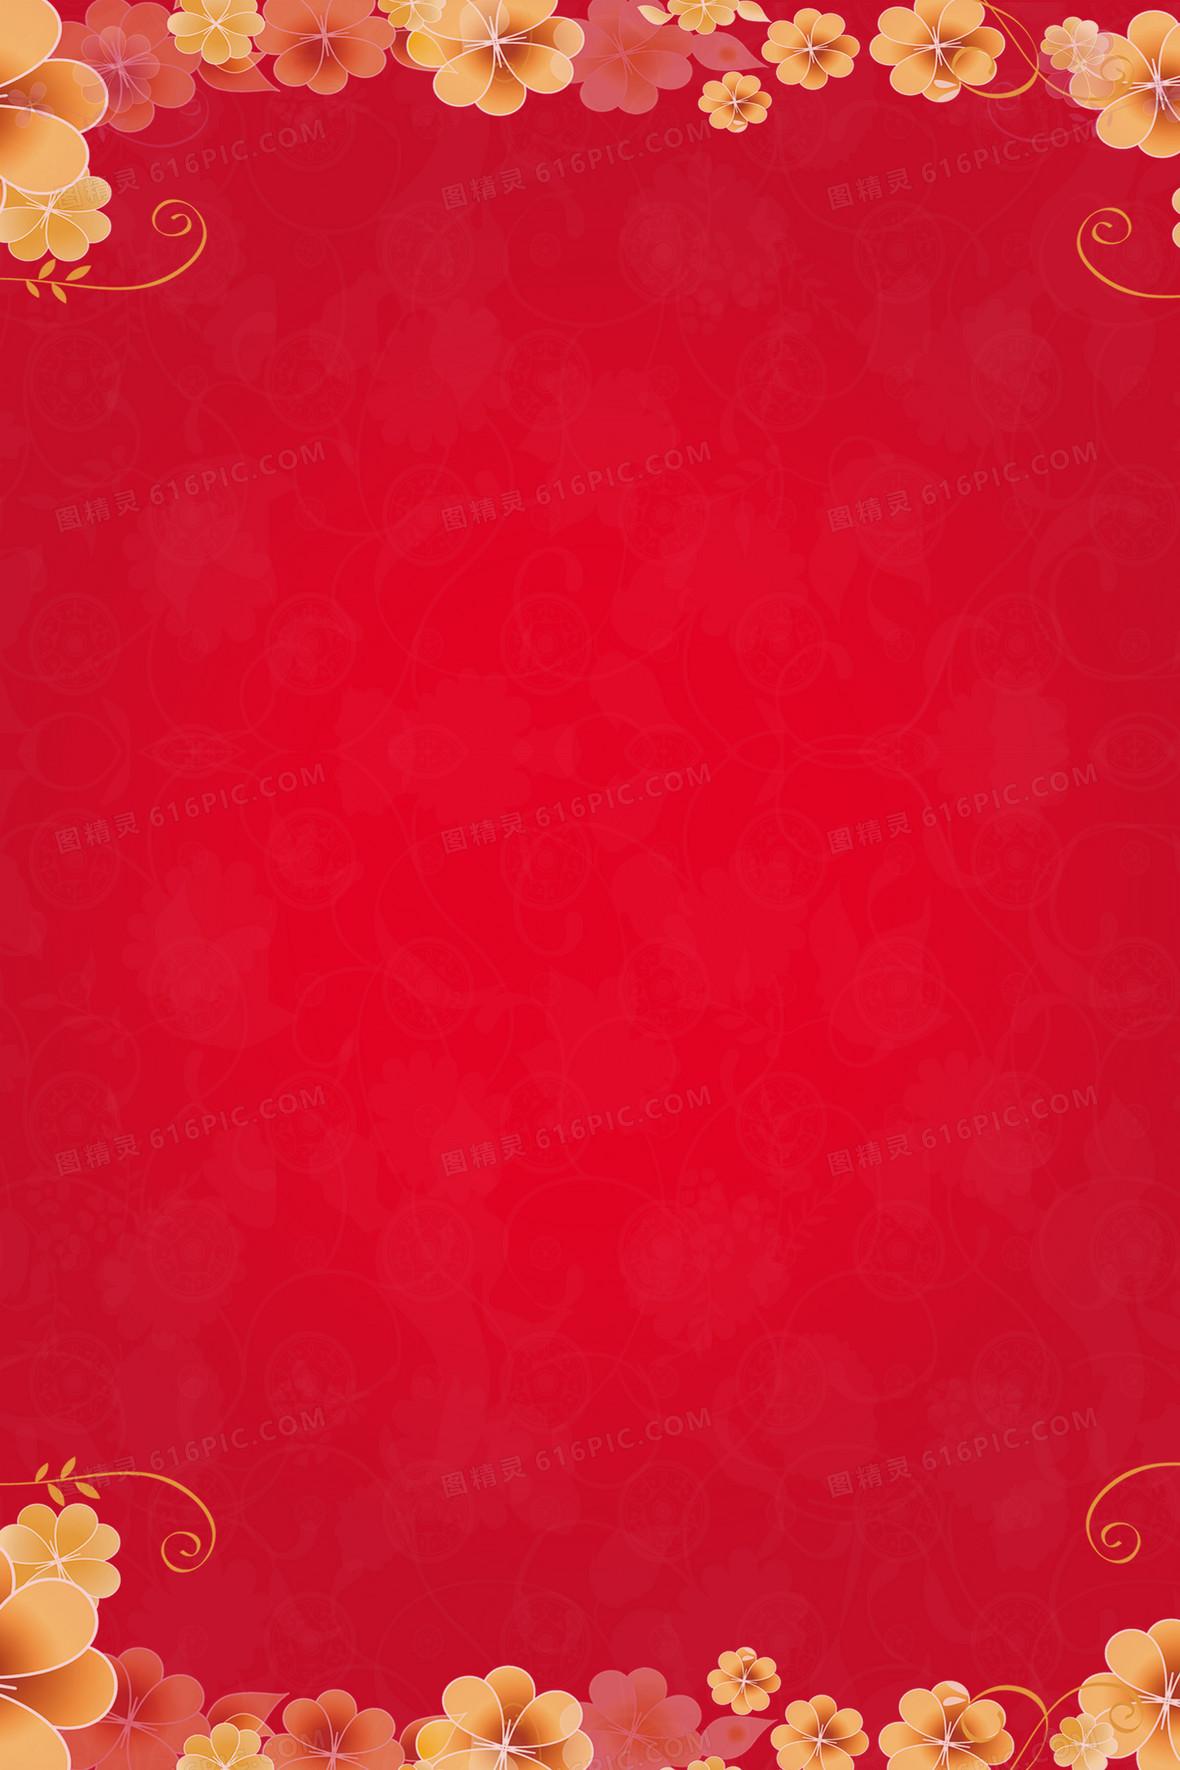 红色 喜庆 年会展板背景素材